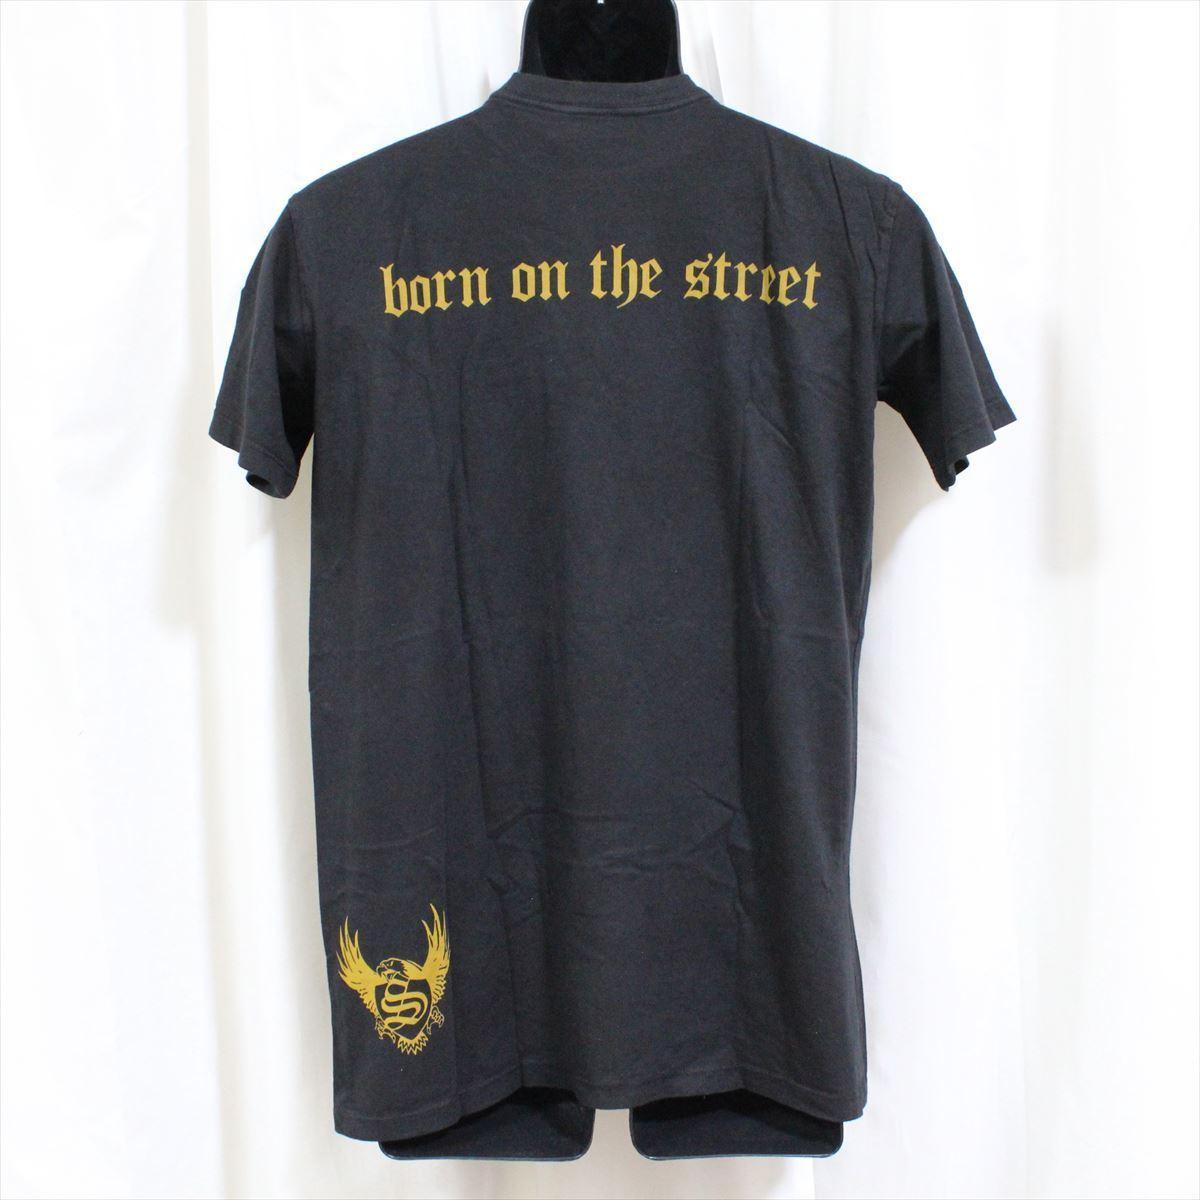 スメット SMET メンズ半袖Tシャツ Sサイズ ブラック NO6 新品 黒_画像4